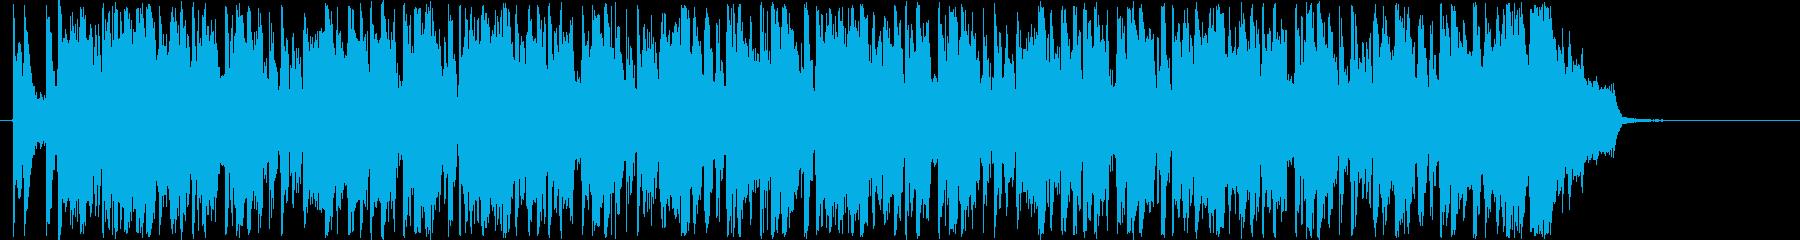 ファンク&グルーヴィ!の再生済みの波形